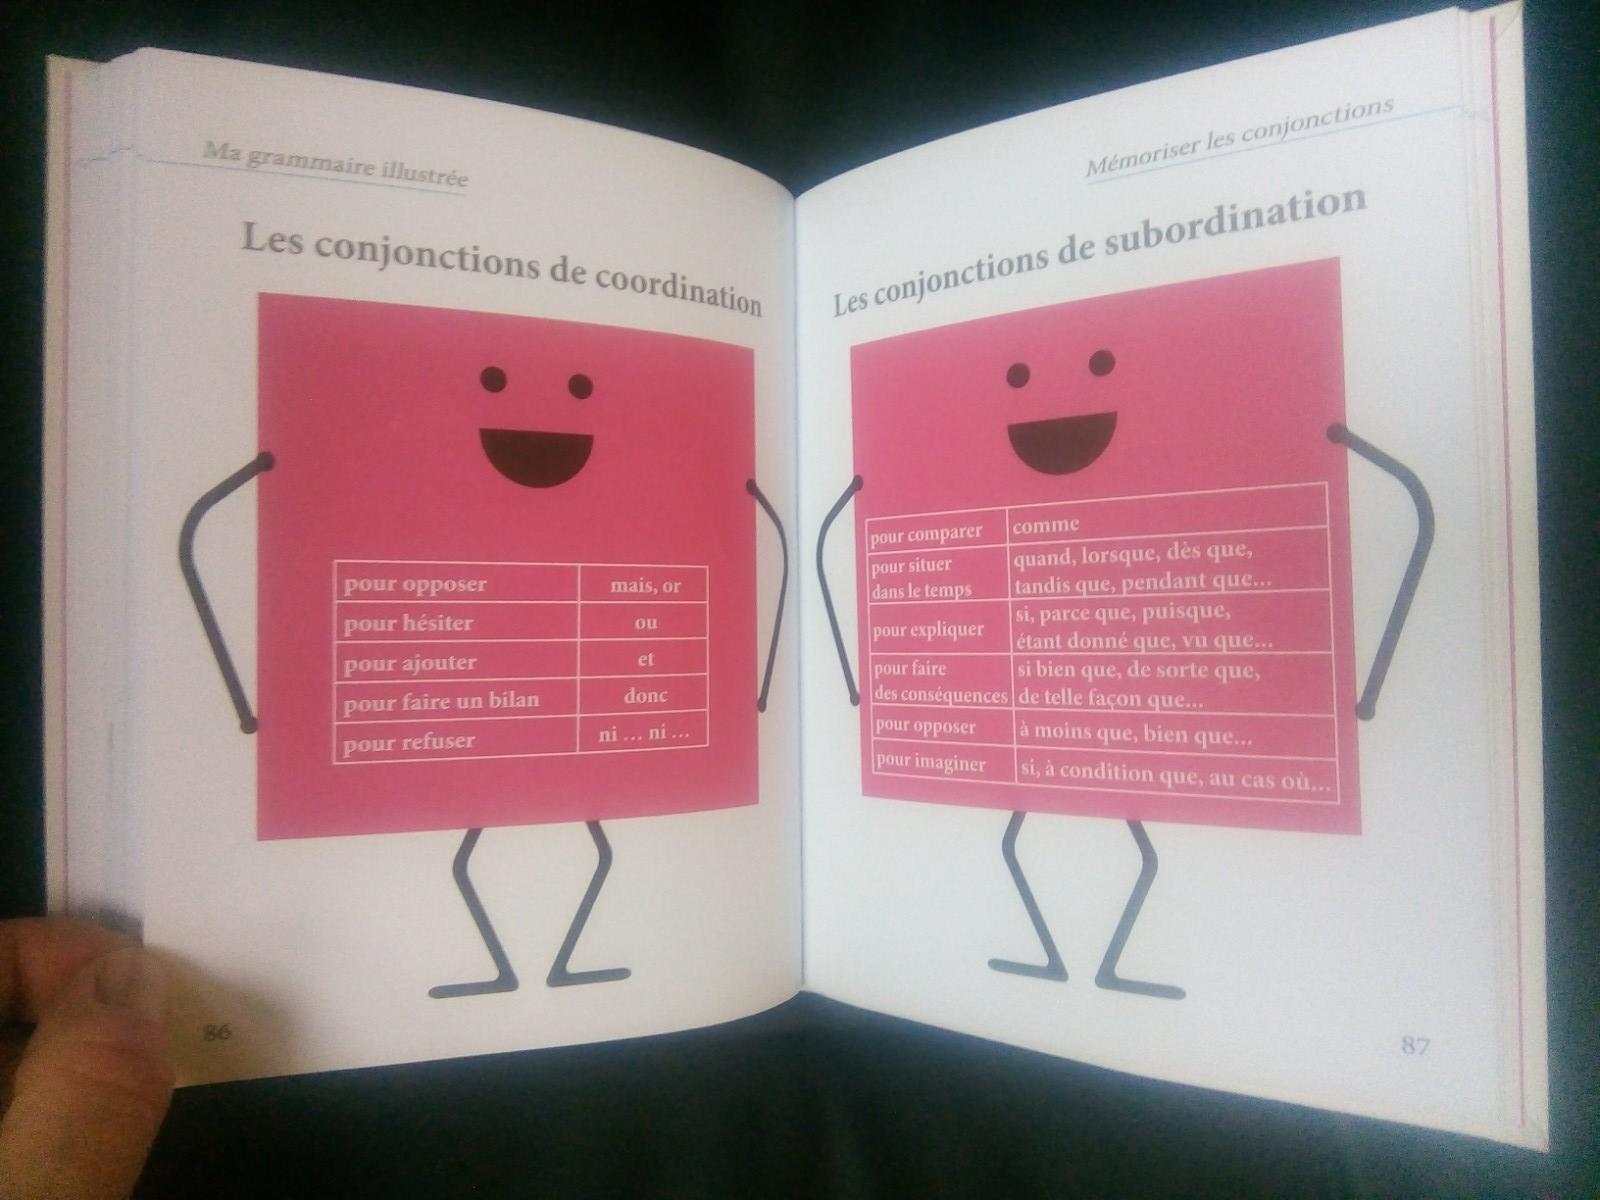 grammaire illustrée